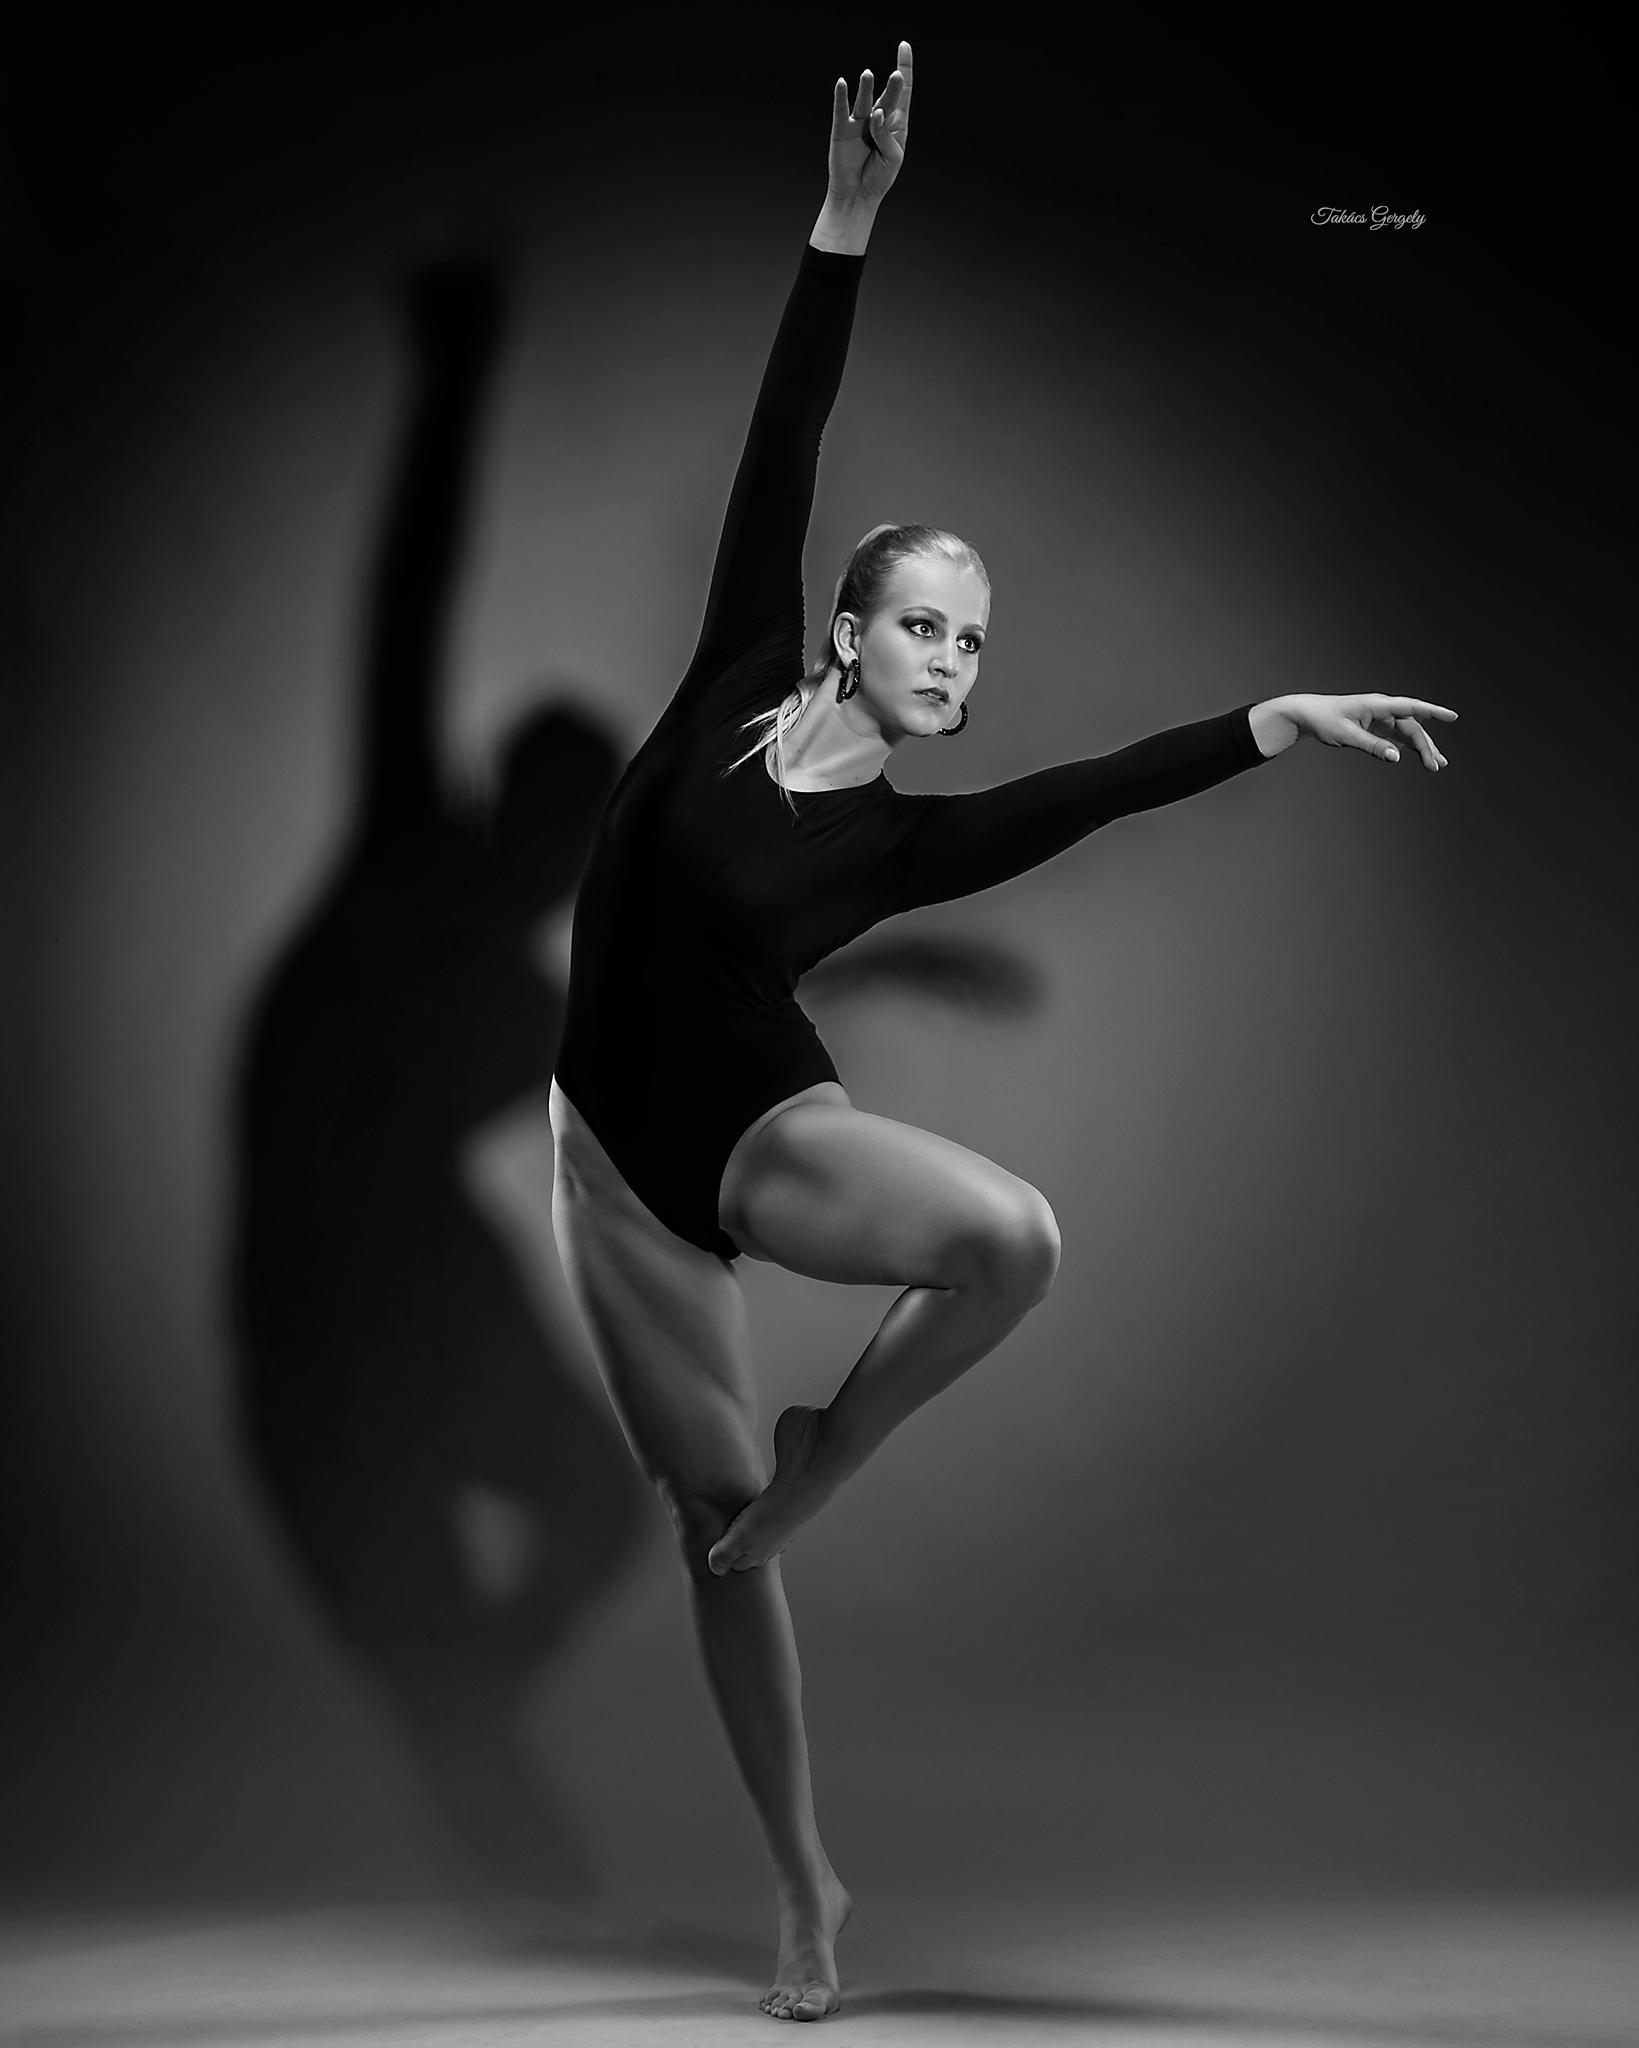 portré, portréfotó, tánc , studió, studiófotó, táncfotó